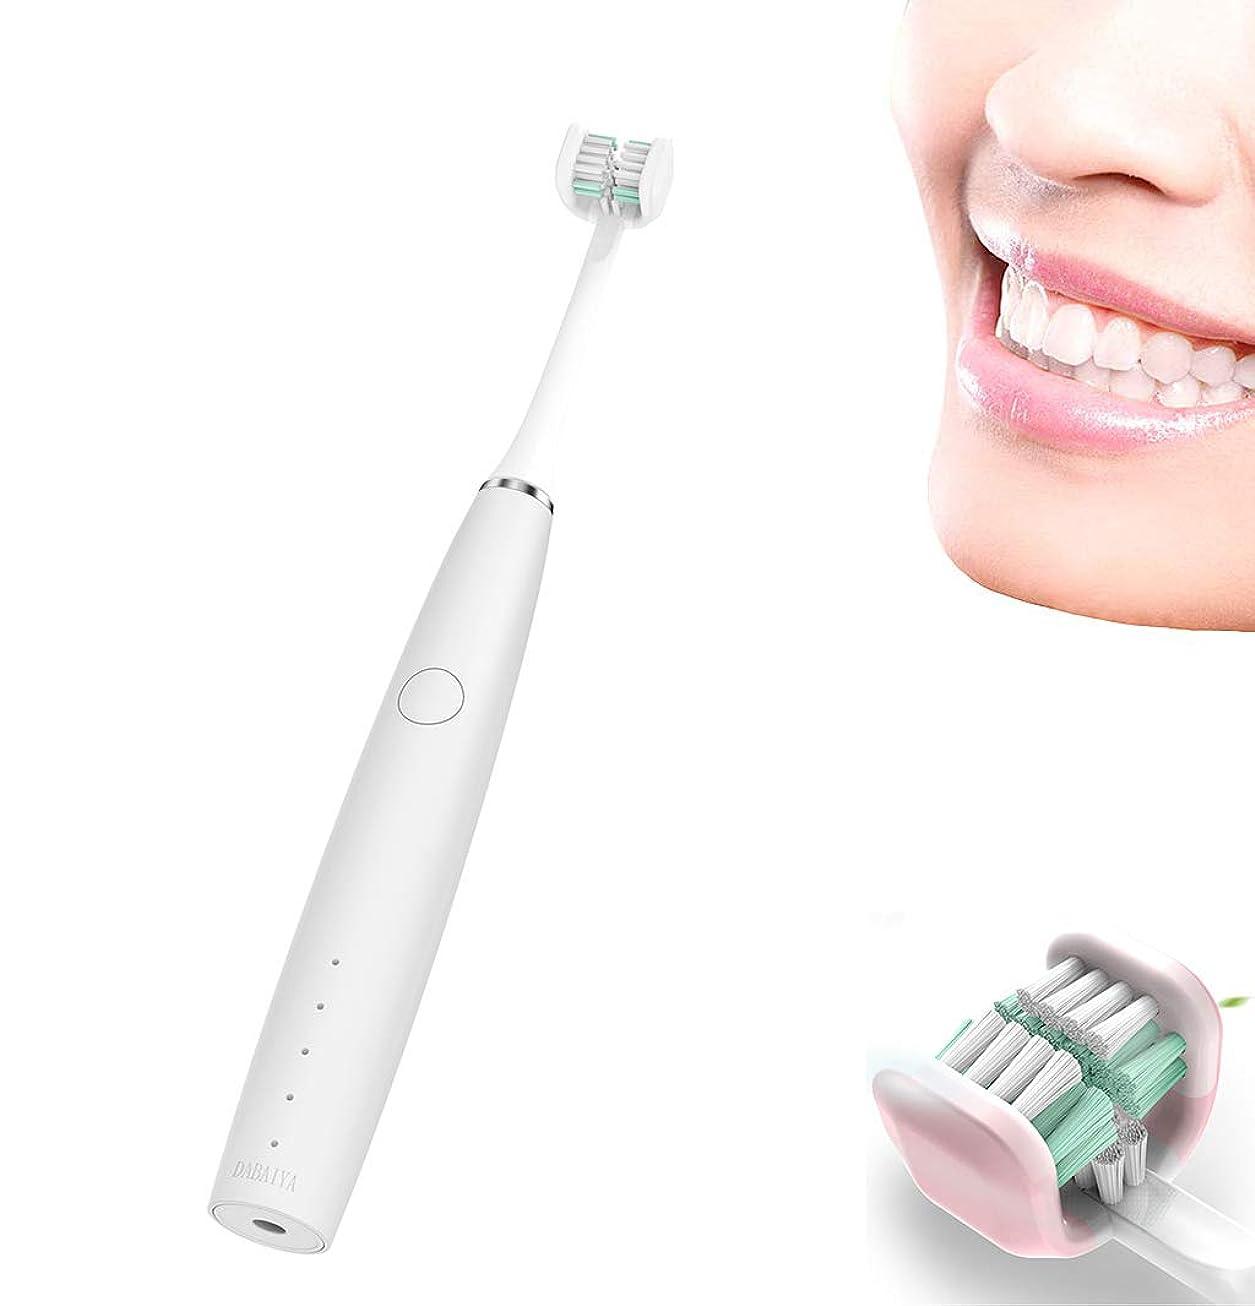 ドロー静脈スタッフ2つのブラシの頭部が付いている3側面の音波の電動歯ブラシは完全な角度の剛毛を大人のための各歯をきれいにします,White